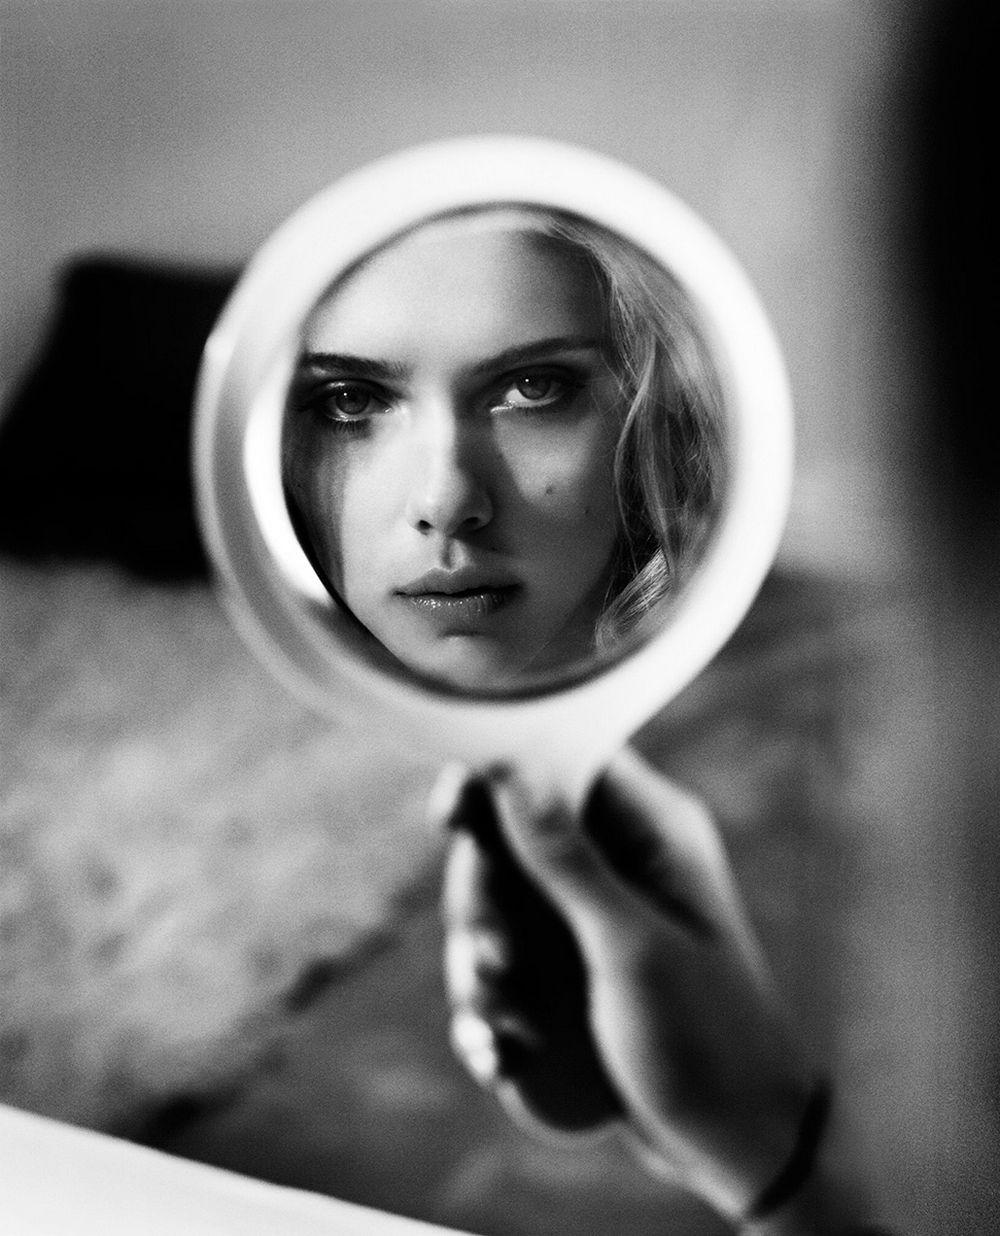 источники света фотопортрет в зеркале сроки обрезки